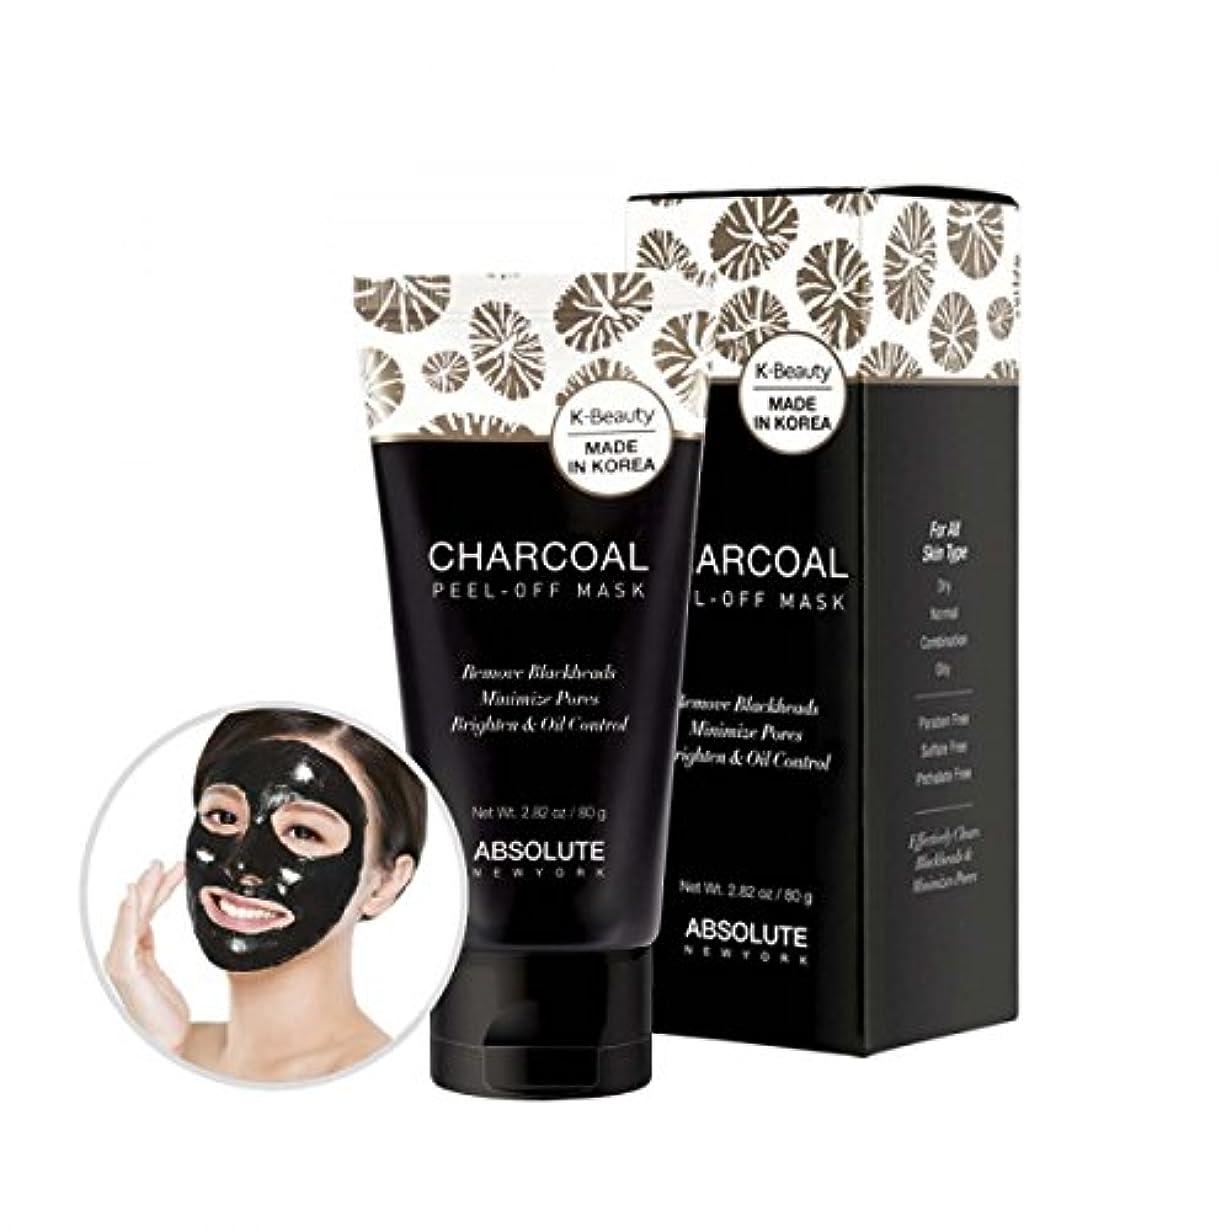 割れ目加速度ストローABSOLUTE Charcoal Peel-Off Mask (並行輸入品)